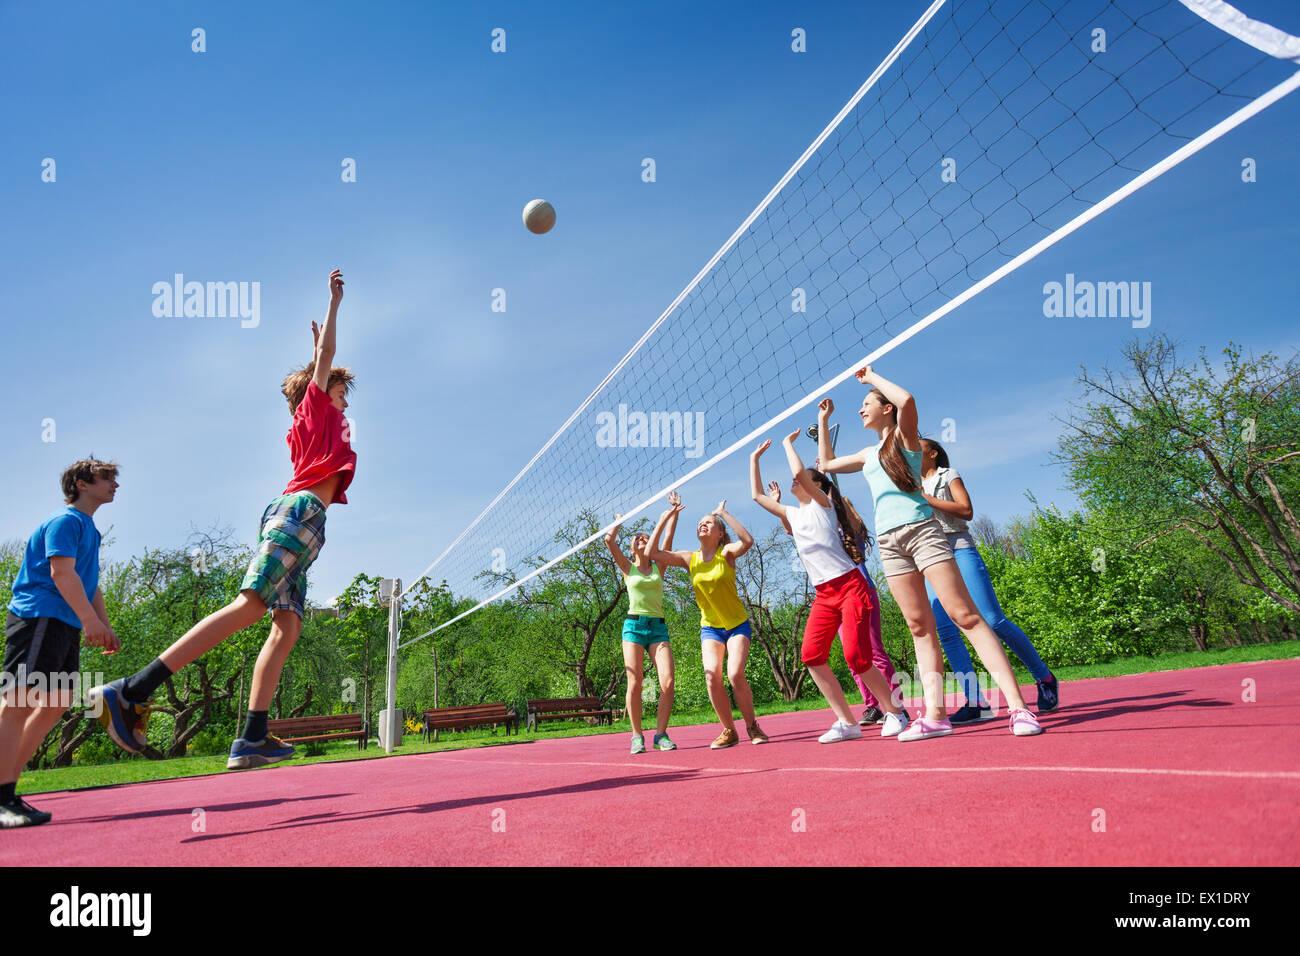 Los adolescentes jugar voleibol juego en terreno Imagen De Stock